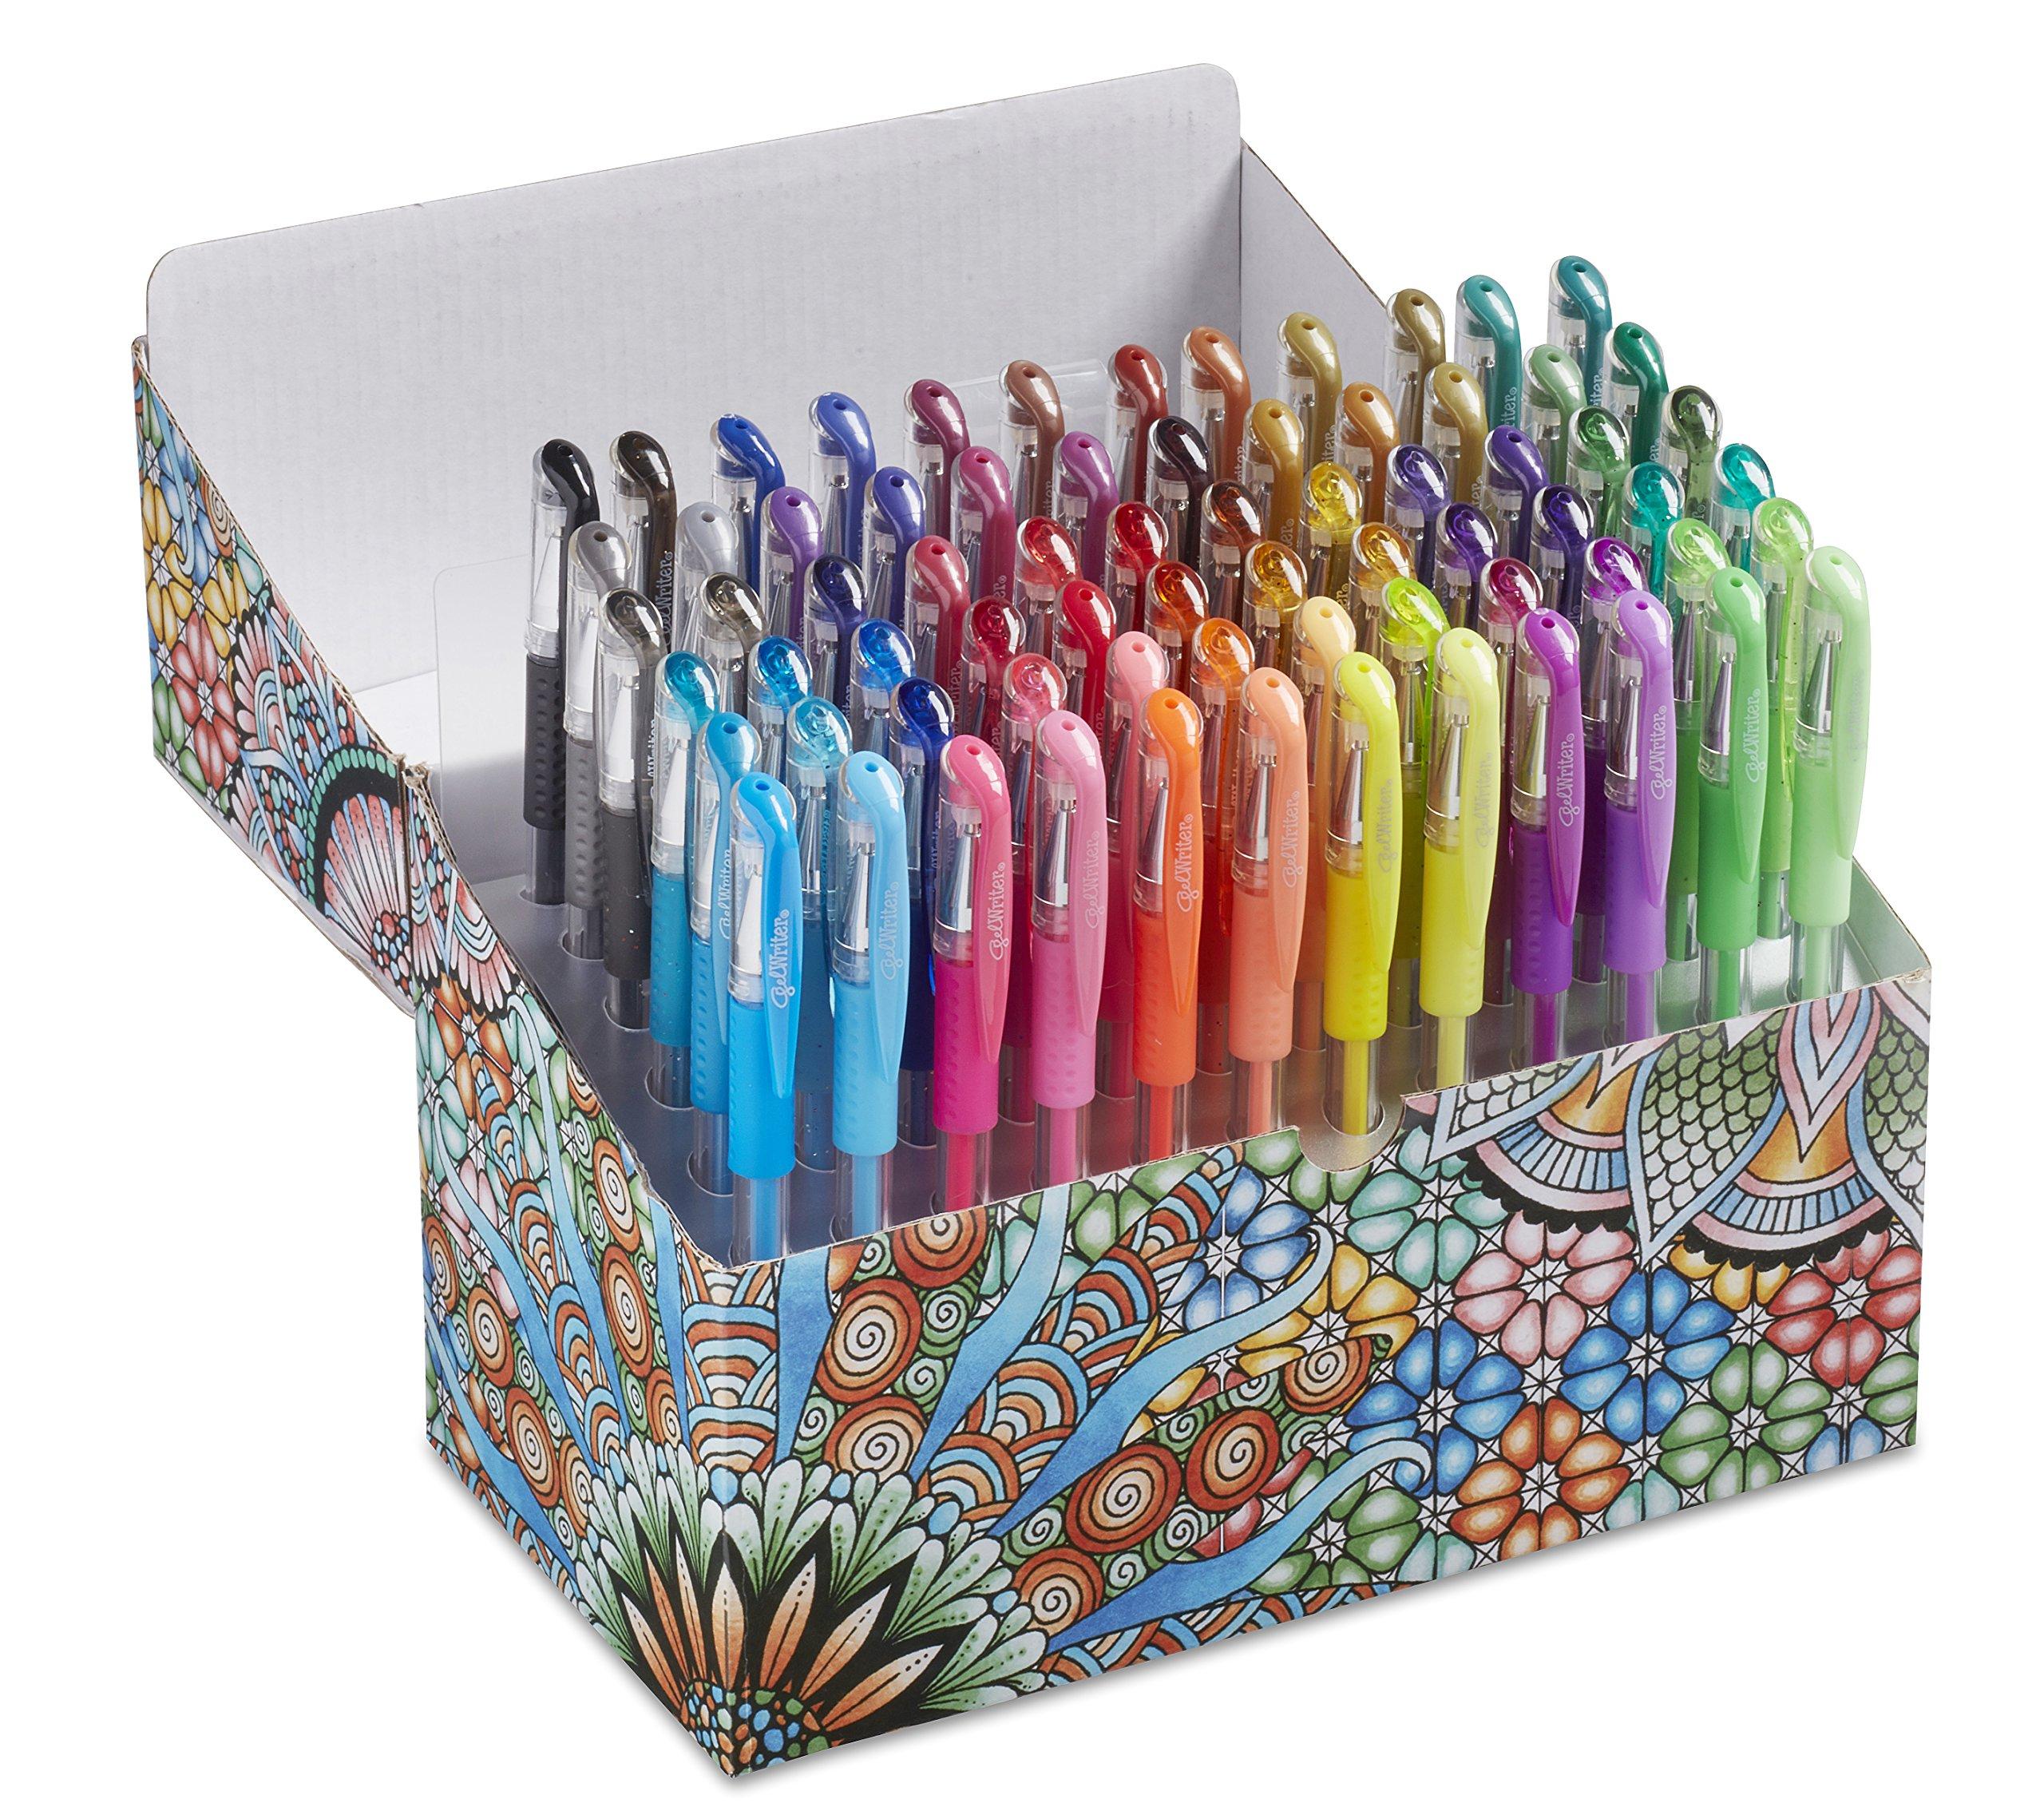 ECR4Kids GelWriter Gel Pens Set Premium Multicolor in Coloring Box (72-Count) by ECR4Kids